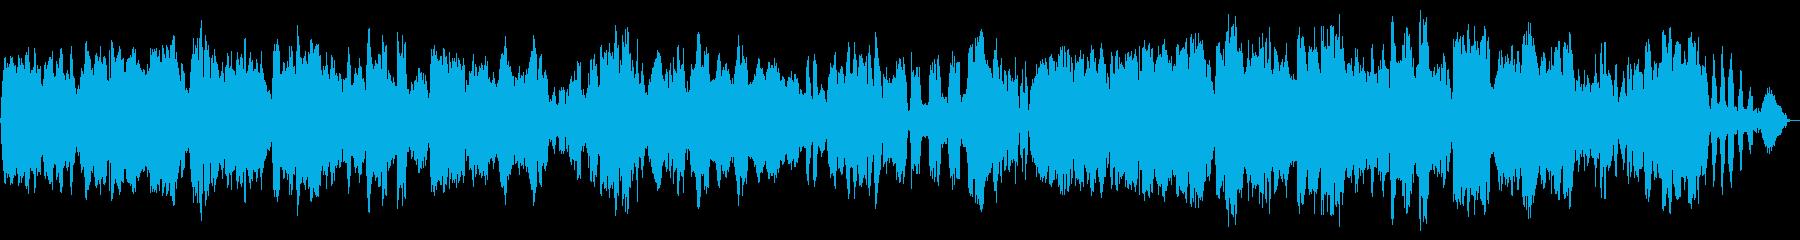 やさしい雰囲気に包まれるクラシック曲の再生済みの波形